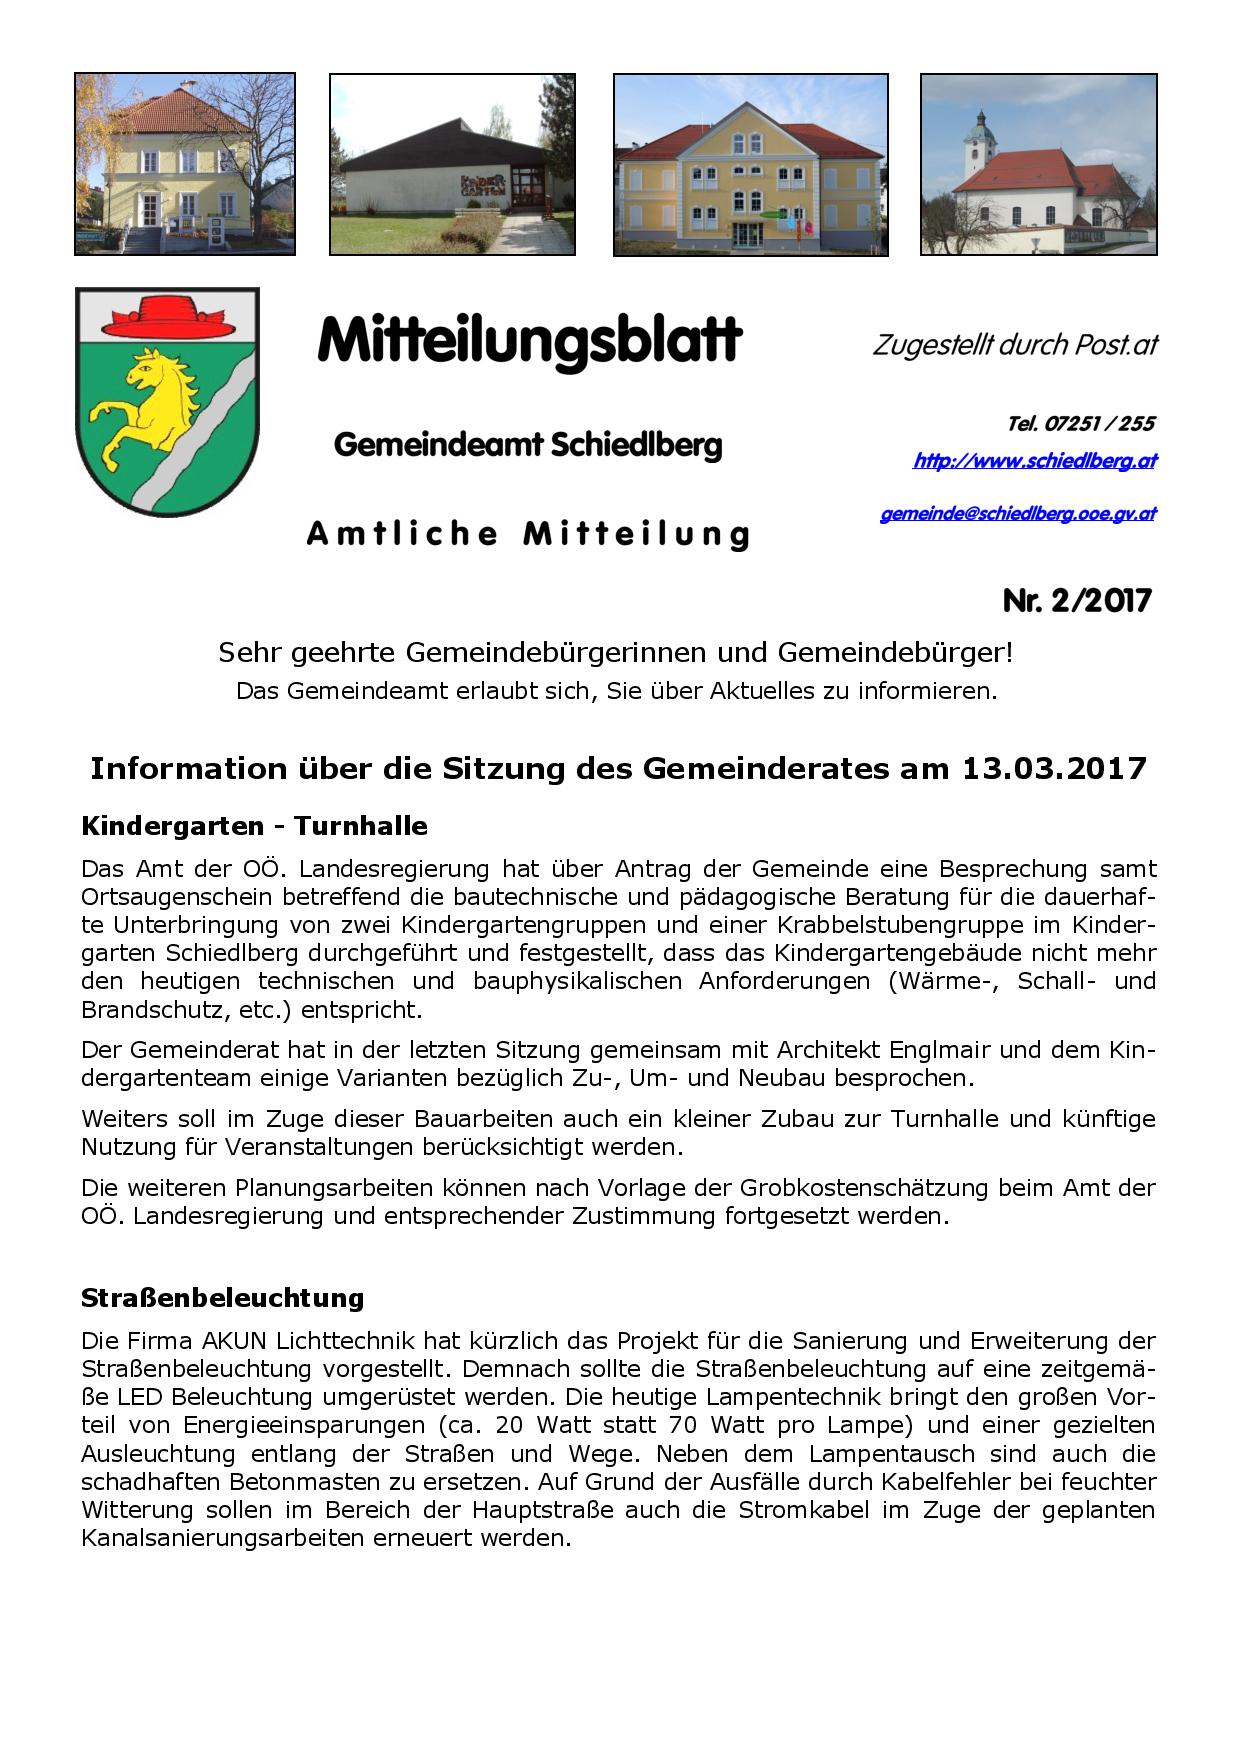 Erfreut Vorlage Wird Fortgesetzt Fotos - Entry Level Resume Vorlagen ...